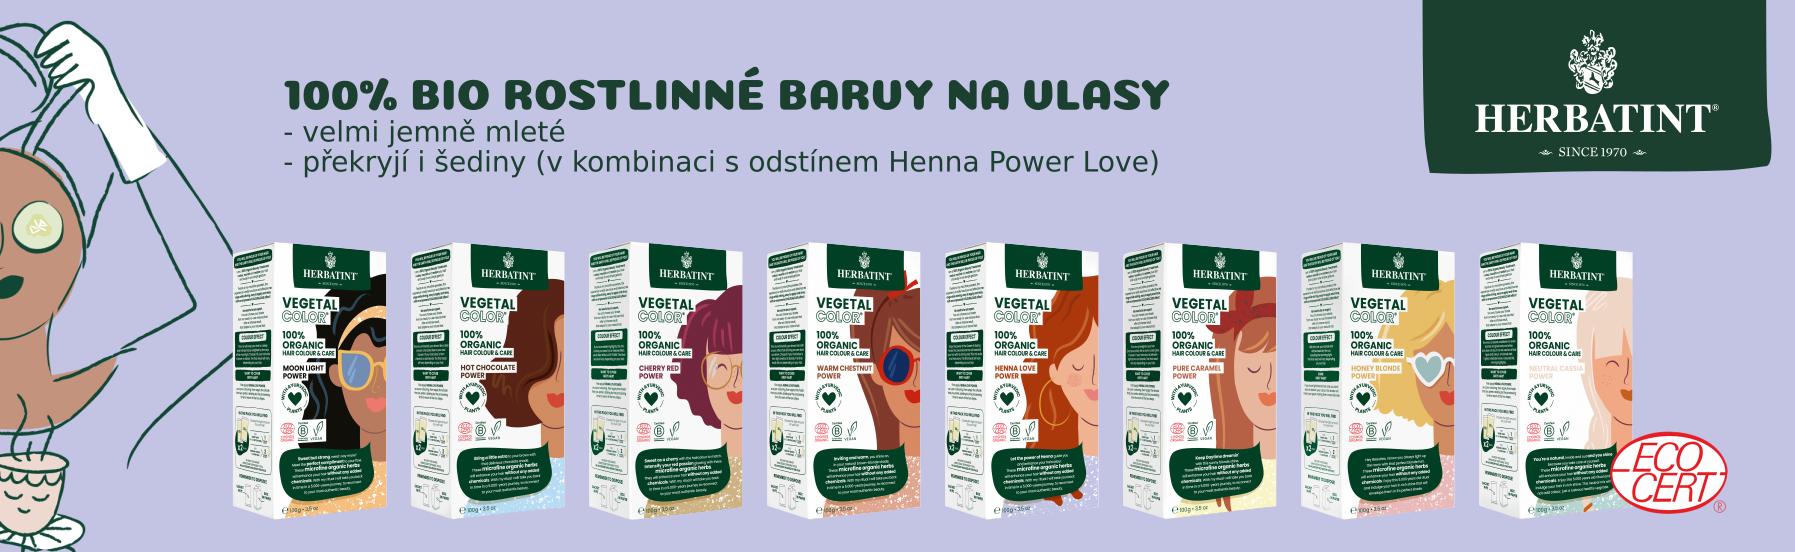 Herbatint Vegetal přírodní barvy na vlasy